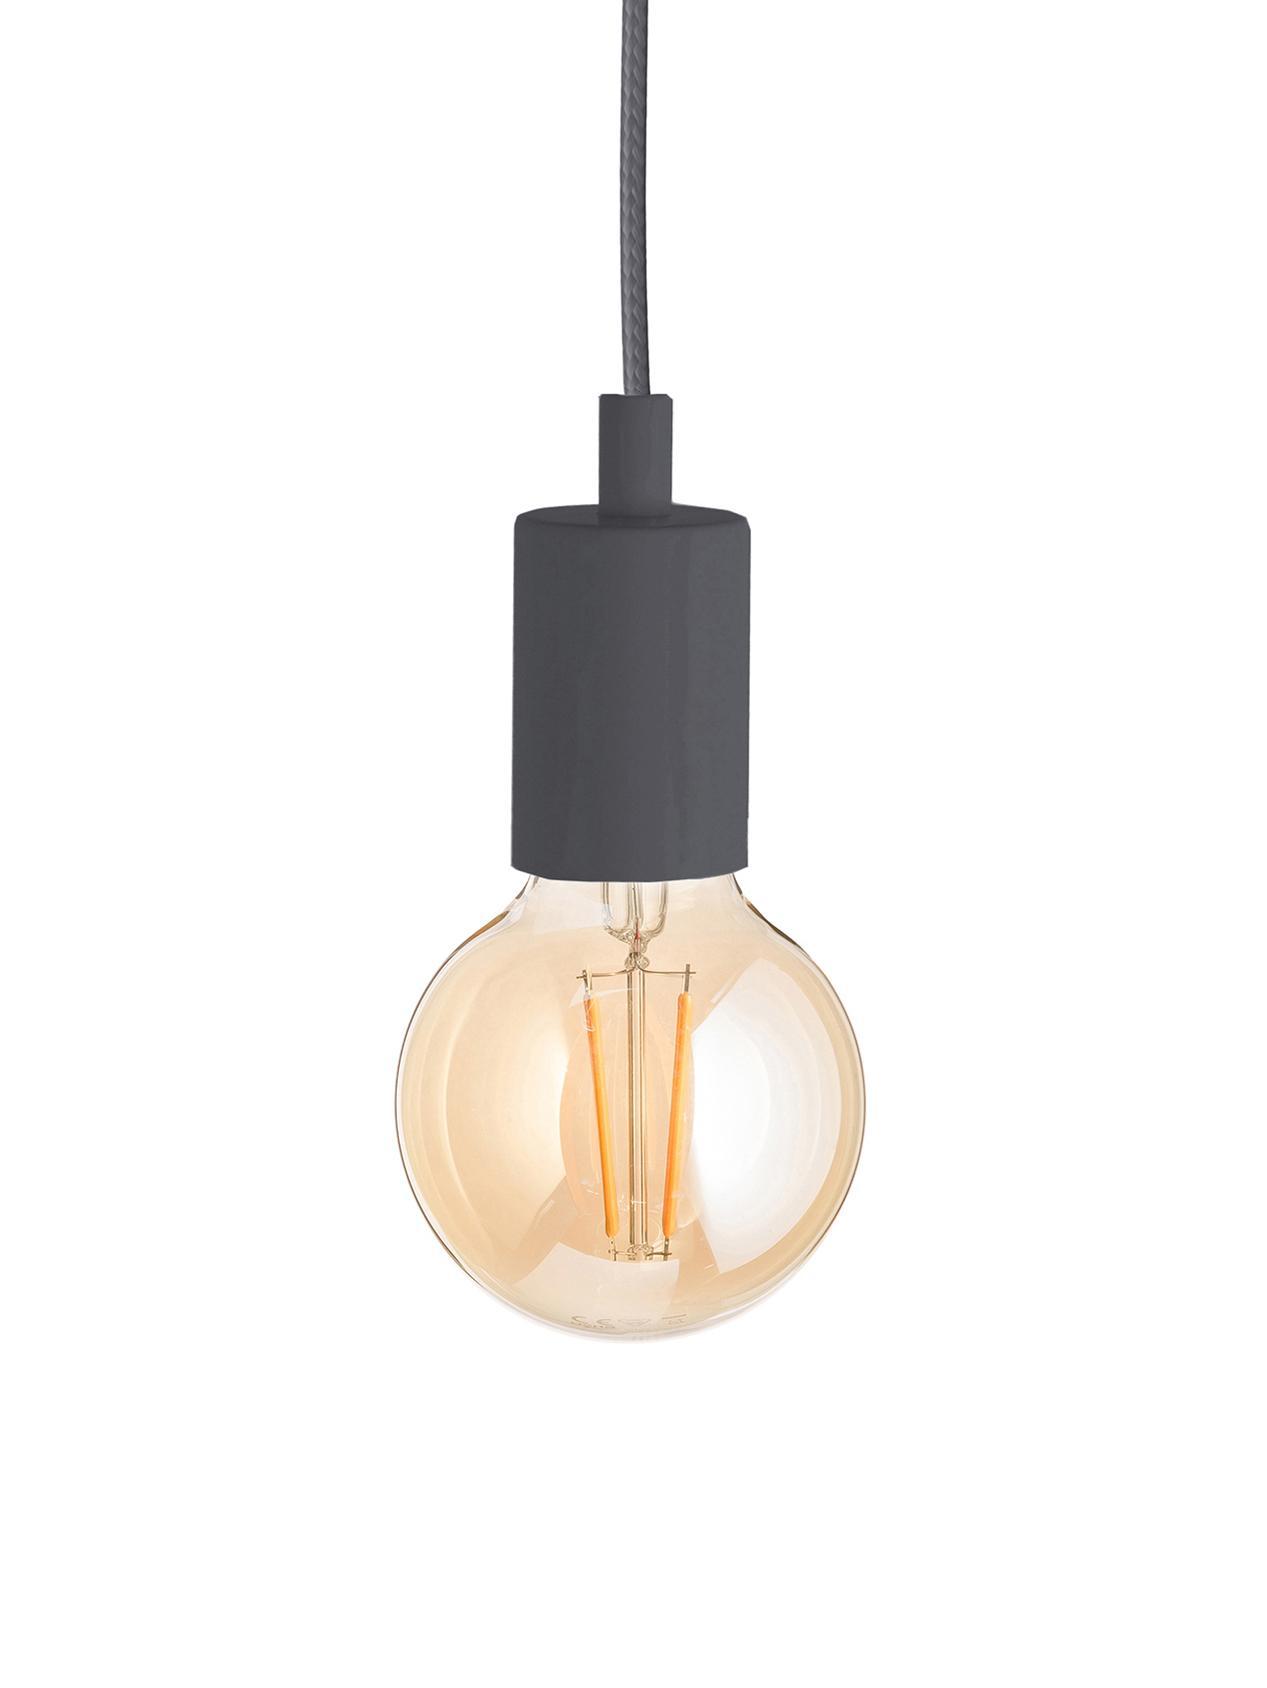 Hanglamp Color, Grijs, Ø 5 x H 6 cm